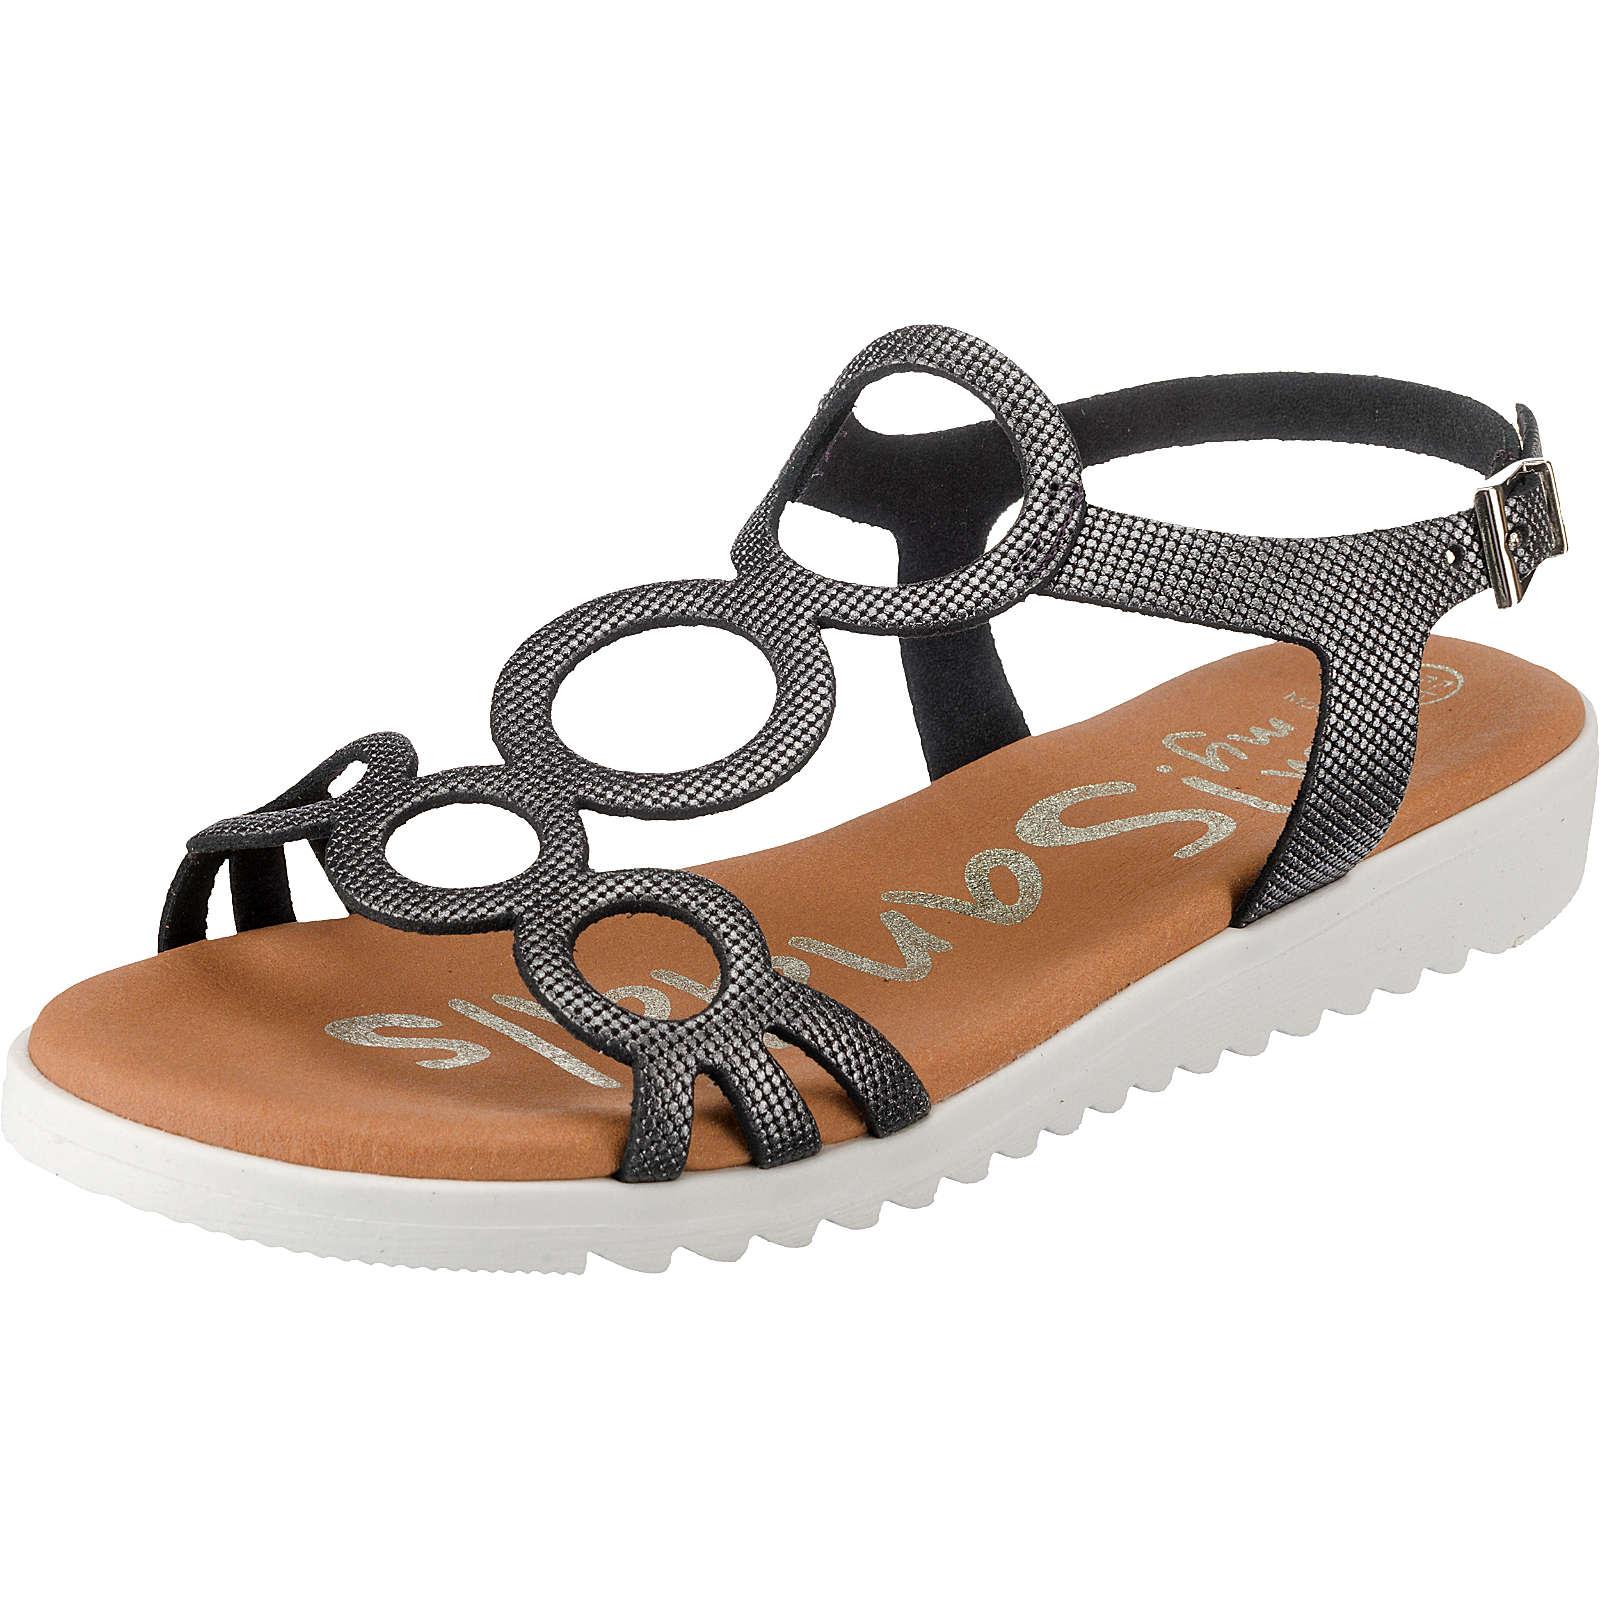 Oh! my Sandals Riemchensandalen gold Damen Gr. 37